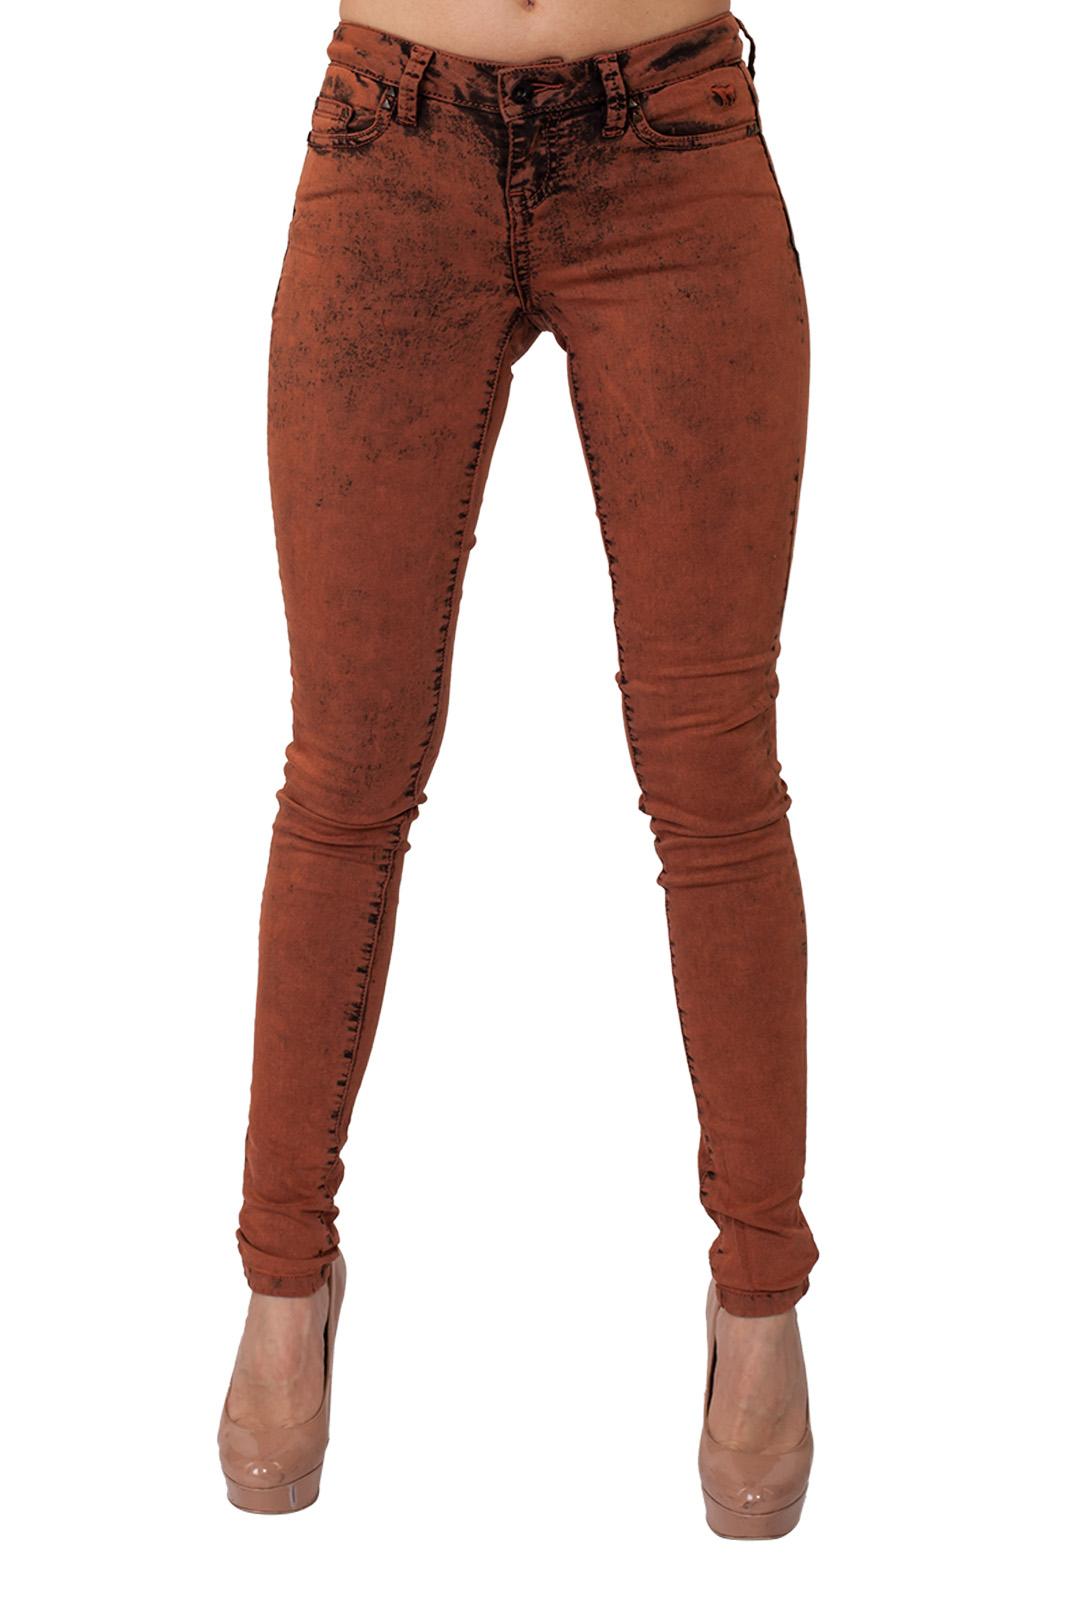 Купить в интернет магазине женские узкие джинсы скинни